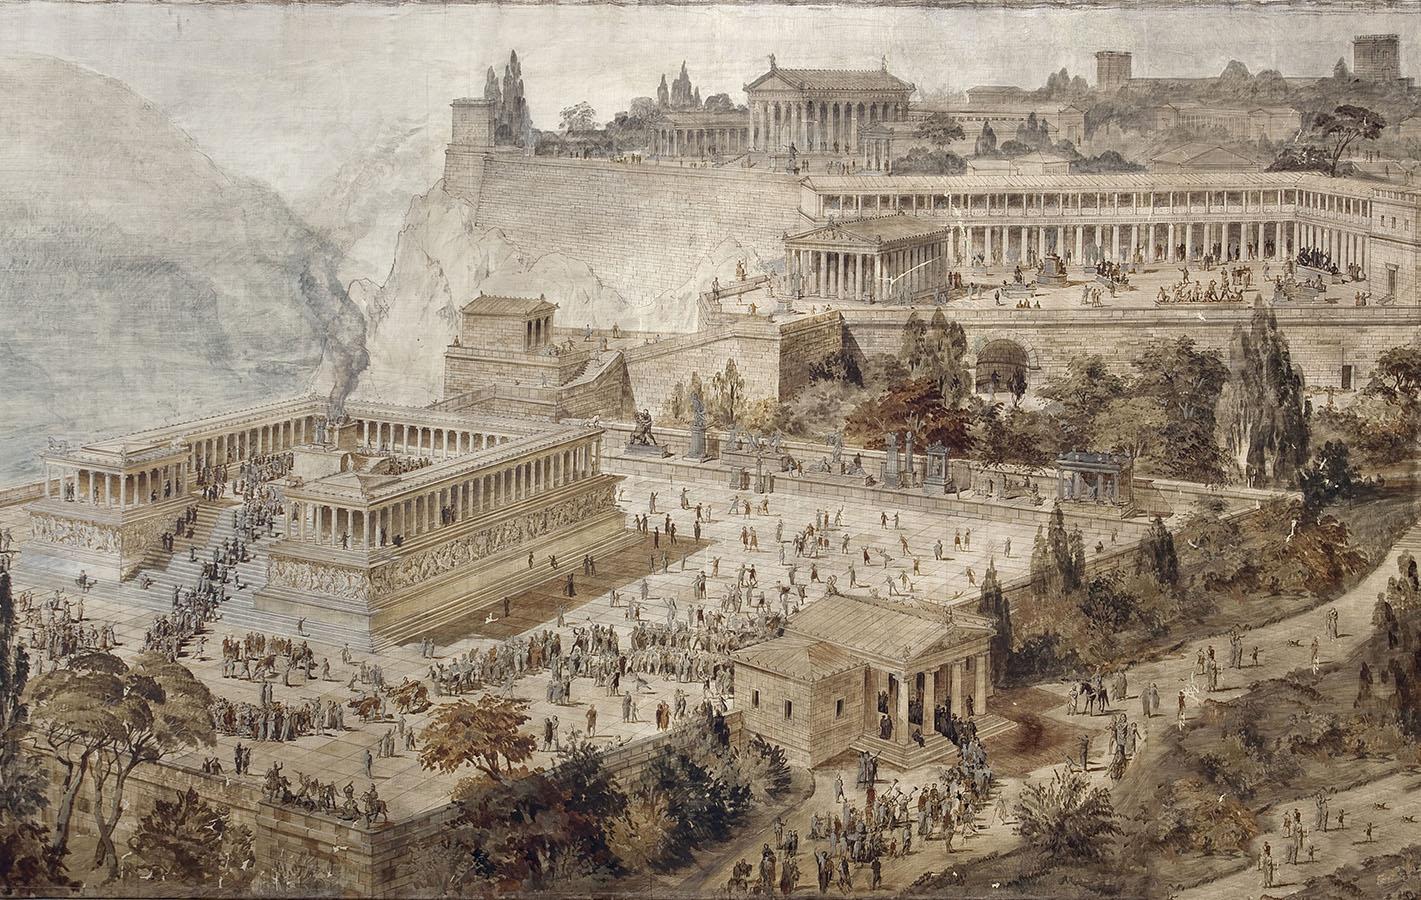 Helenistički svijet - Pergam